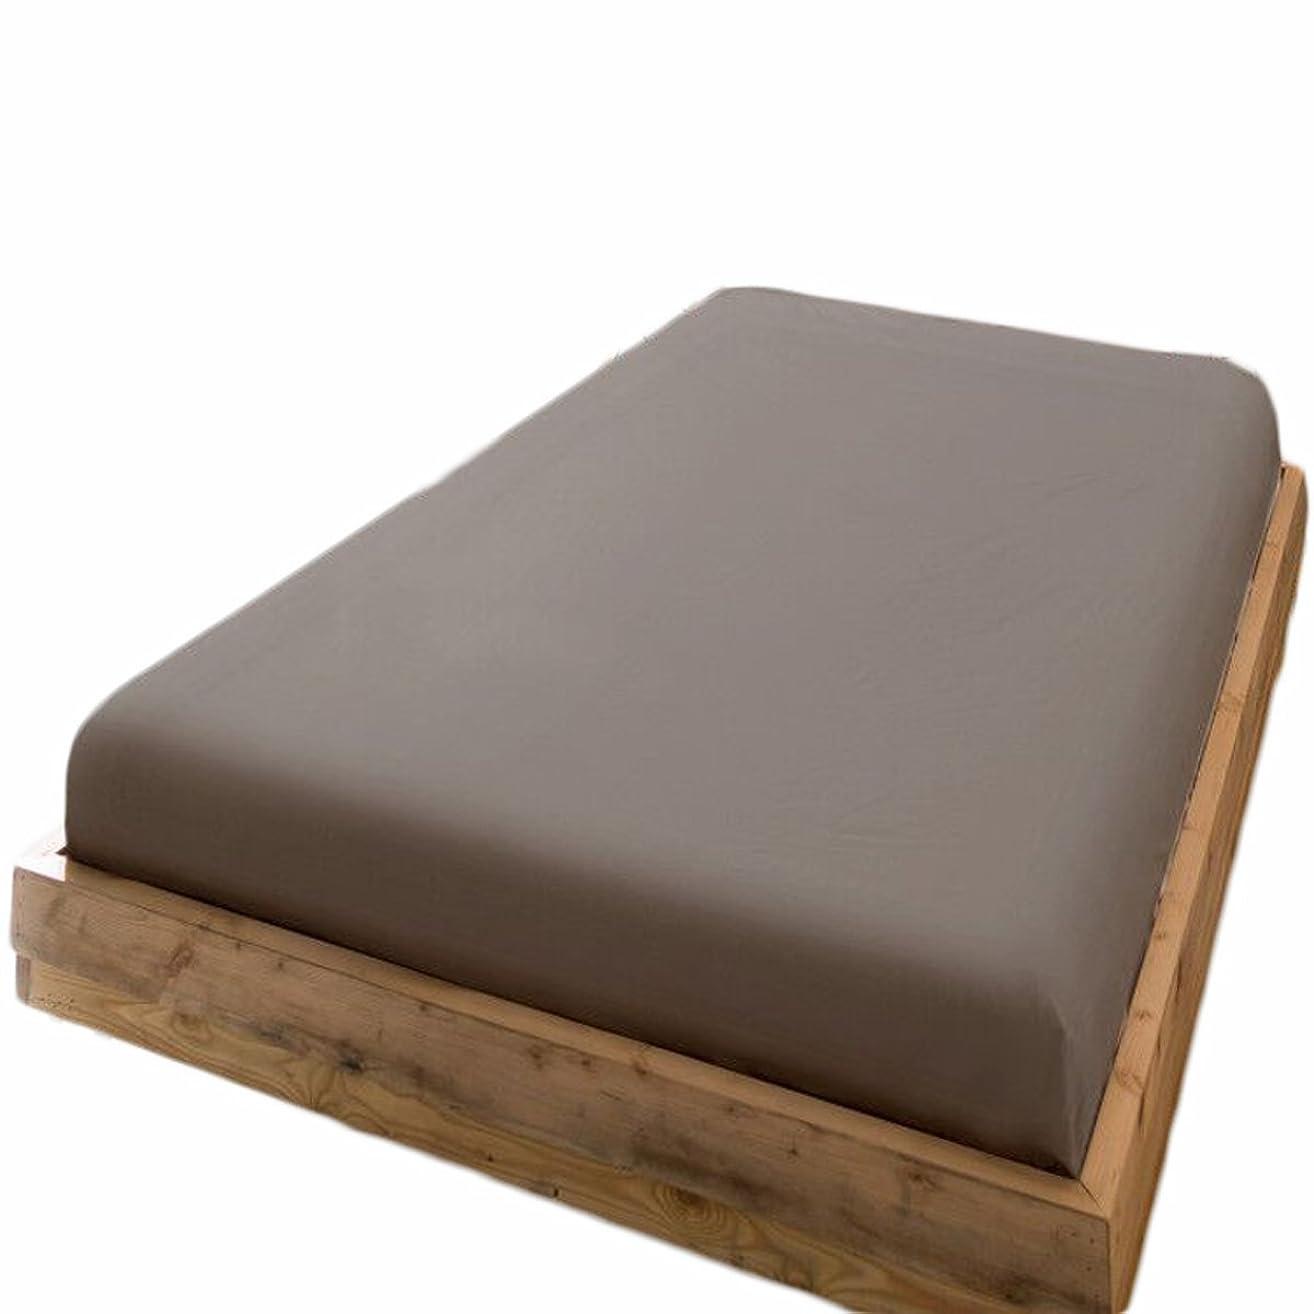 実際にマークされた何ボックスシーツ ワイドダブル(150x200x25㎝) 綿100% ベッドシーツ 200本ブロード マットレスカバー 防ダニ 抗菌 BOXシーツ グレー